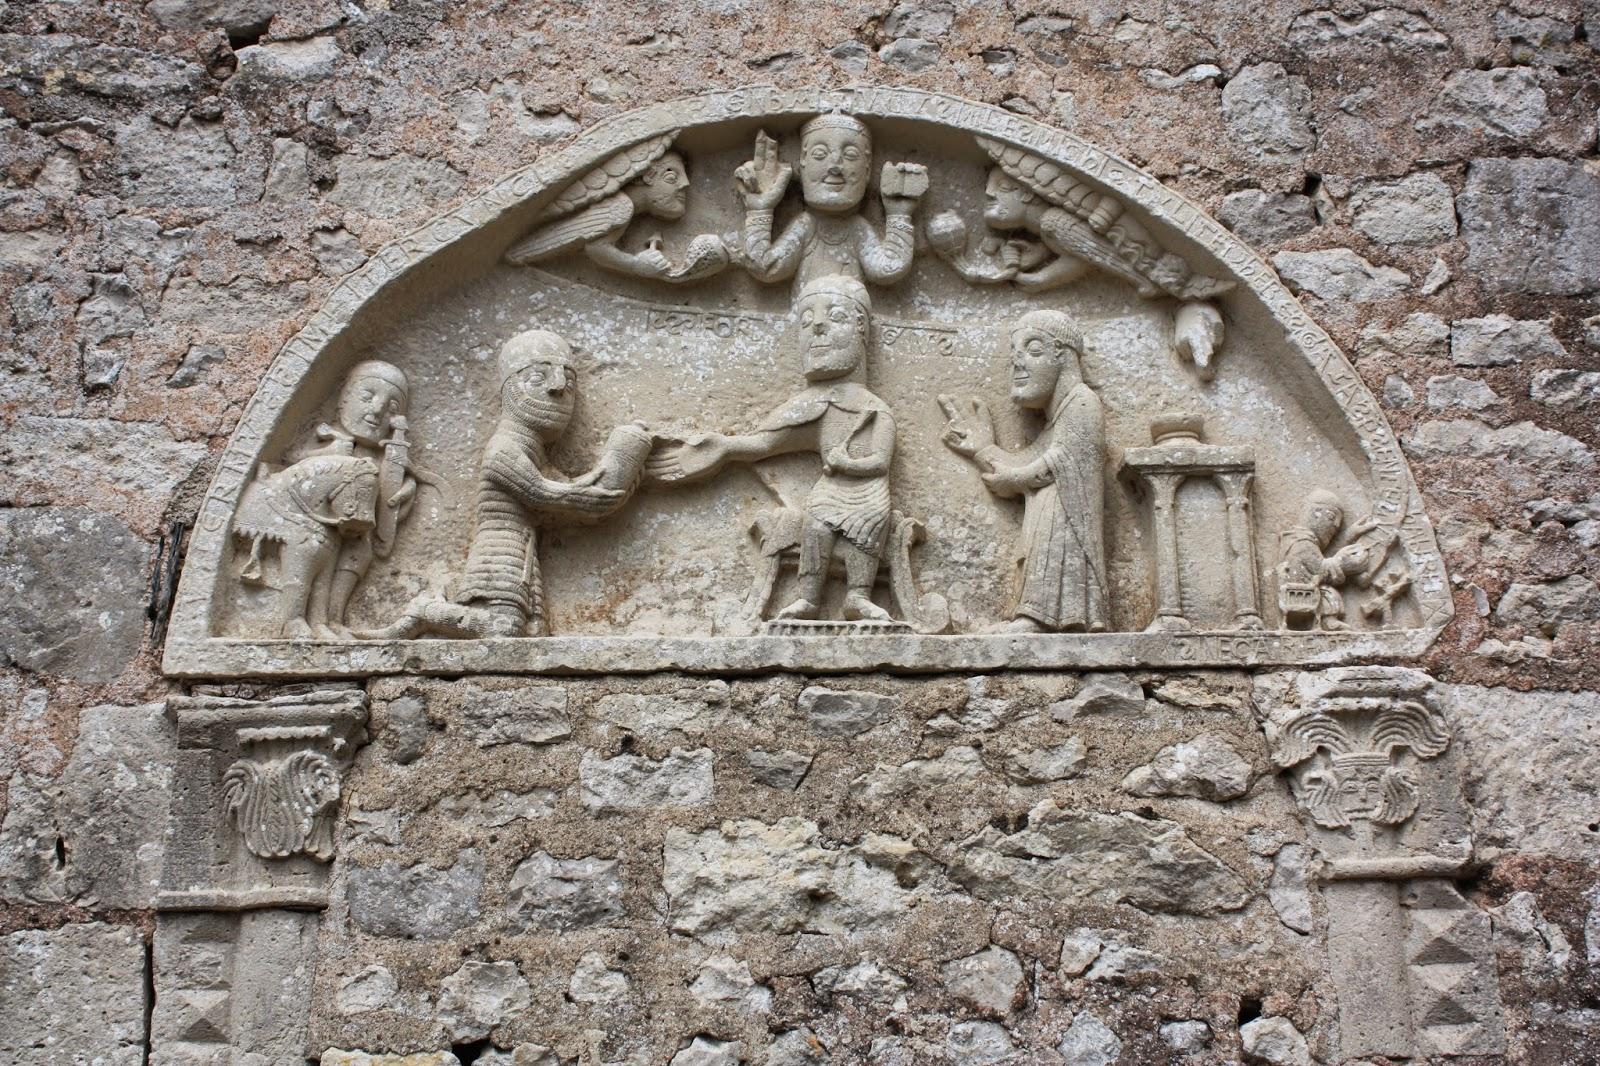 Ile-de-France romane